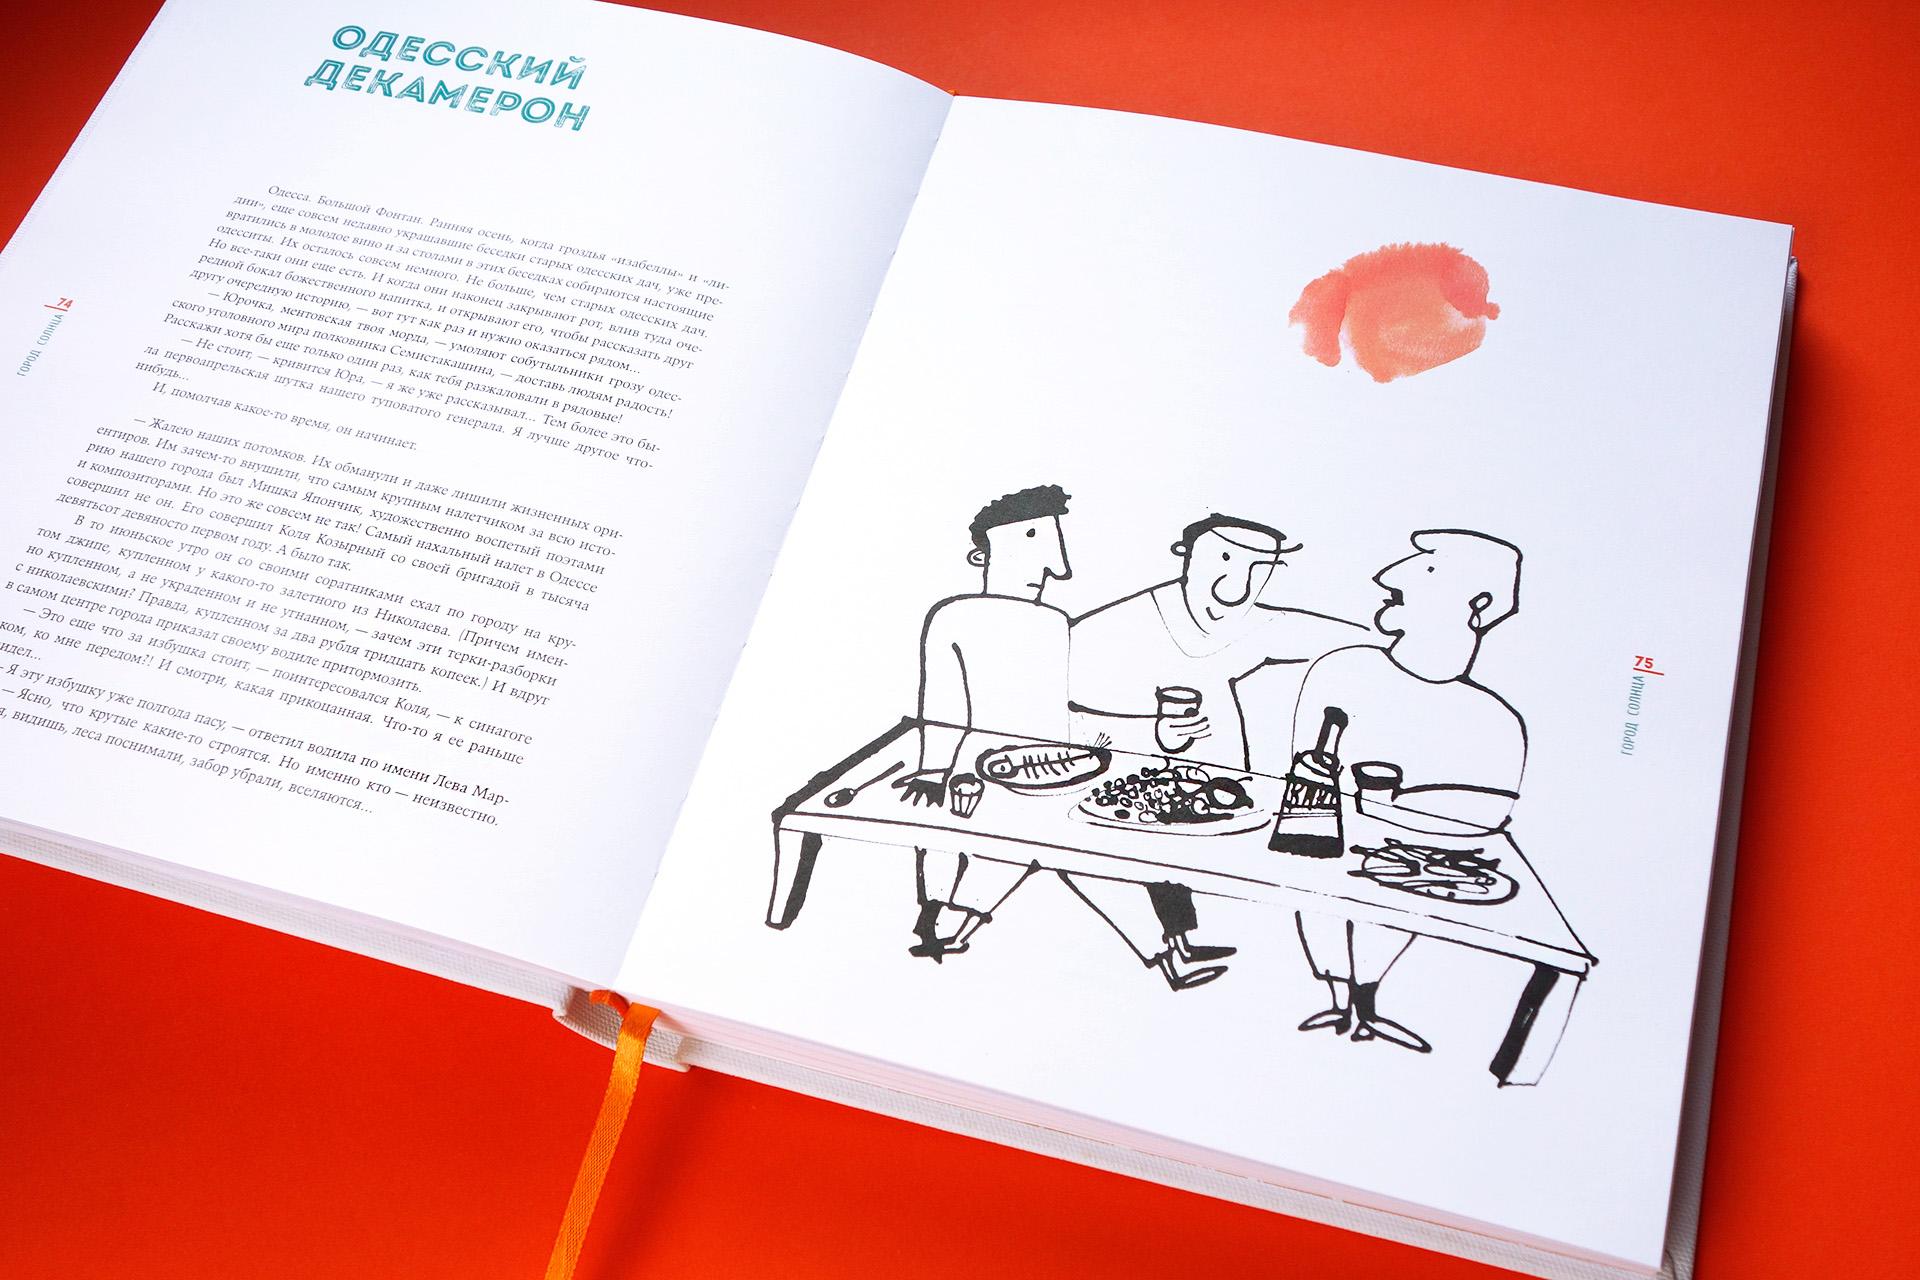 Asgard Branding, юбилейный альбом, сетка издания, печатные издания, дизайн книги, Георгий Голубенко, Михаил Рева, иллюстрации